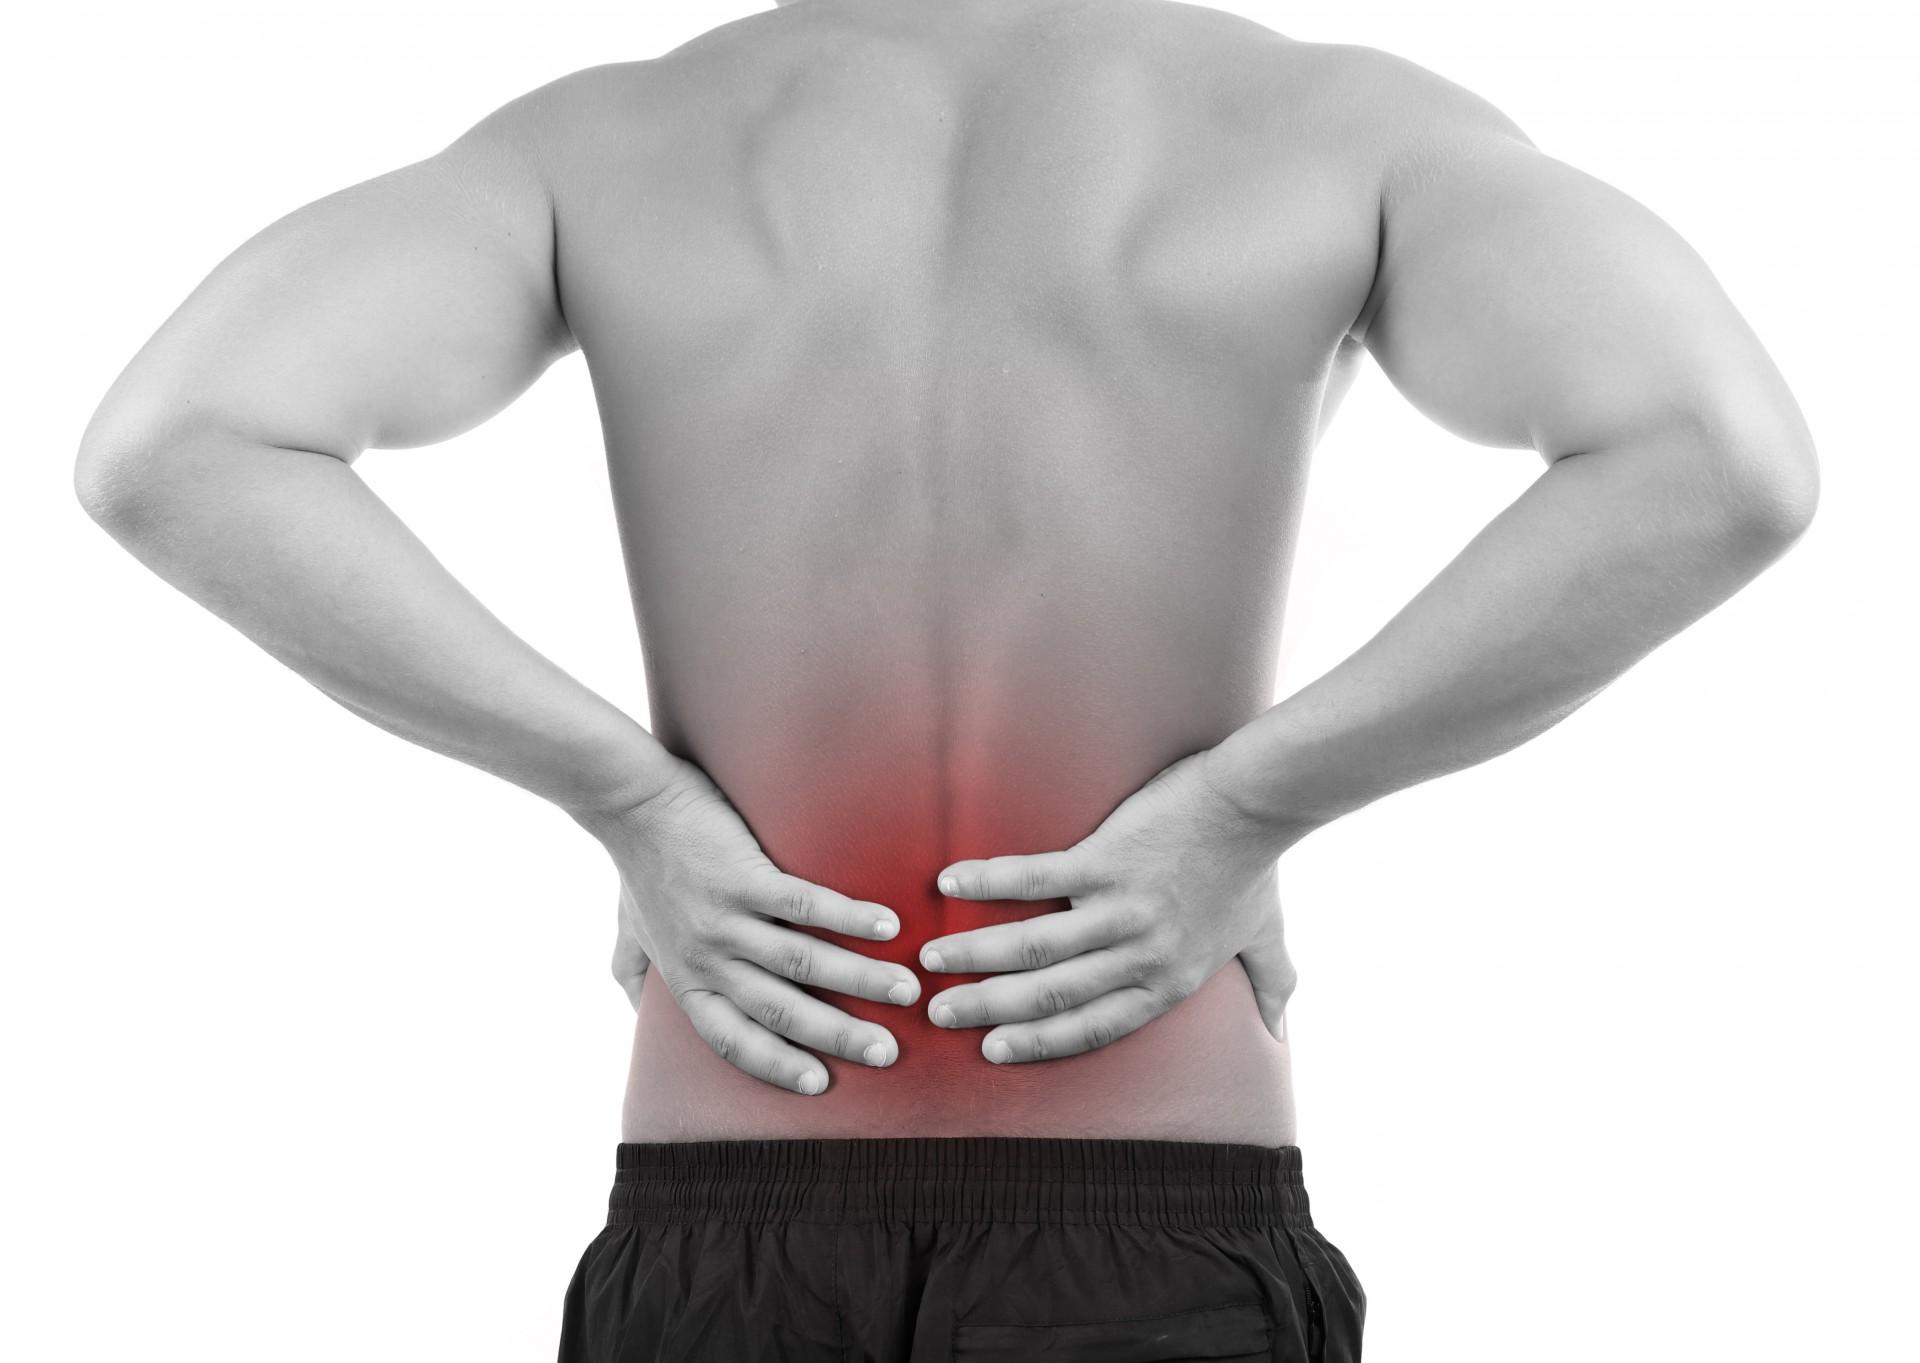 Fysiotherapie behandeling van ischias klachten